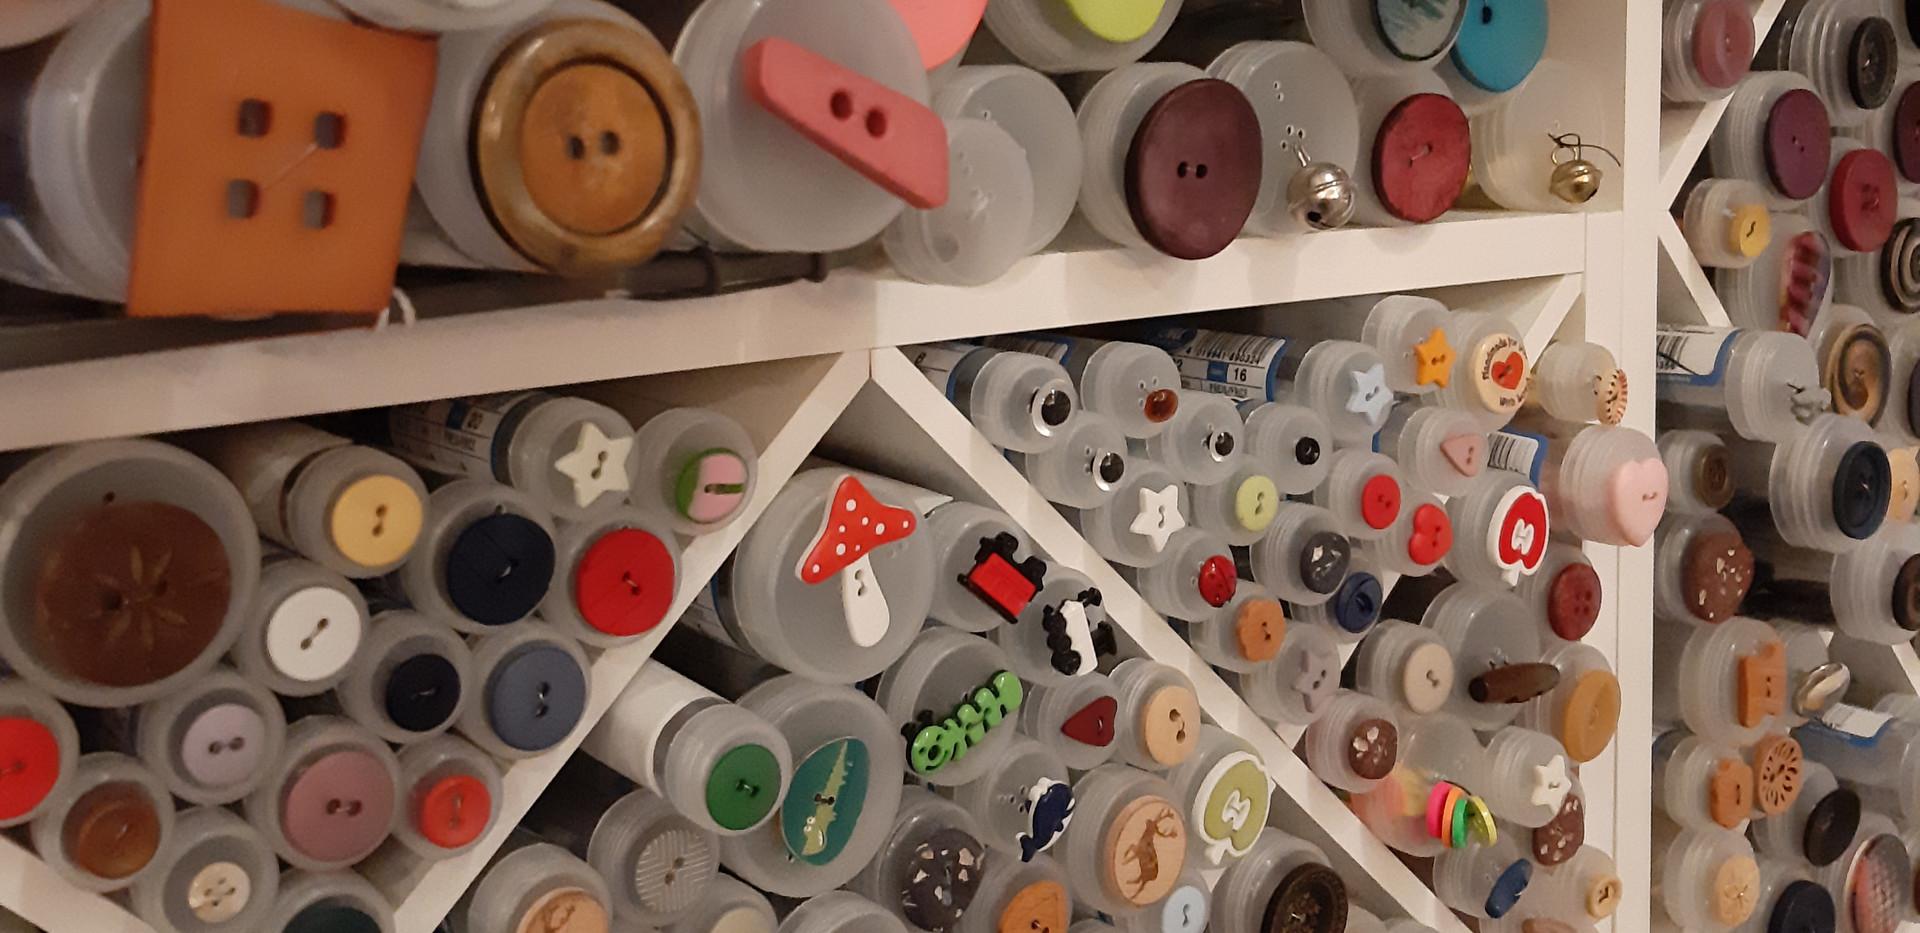 ganz viele Knopfvarianten